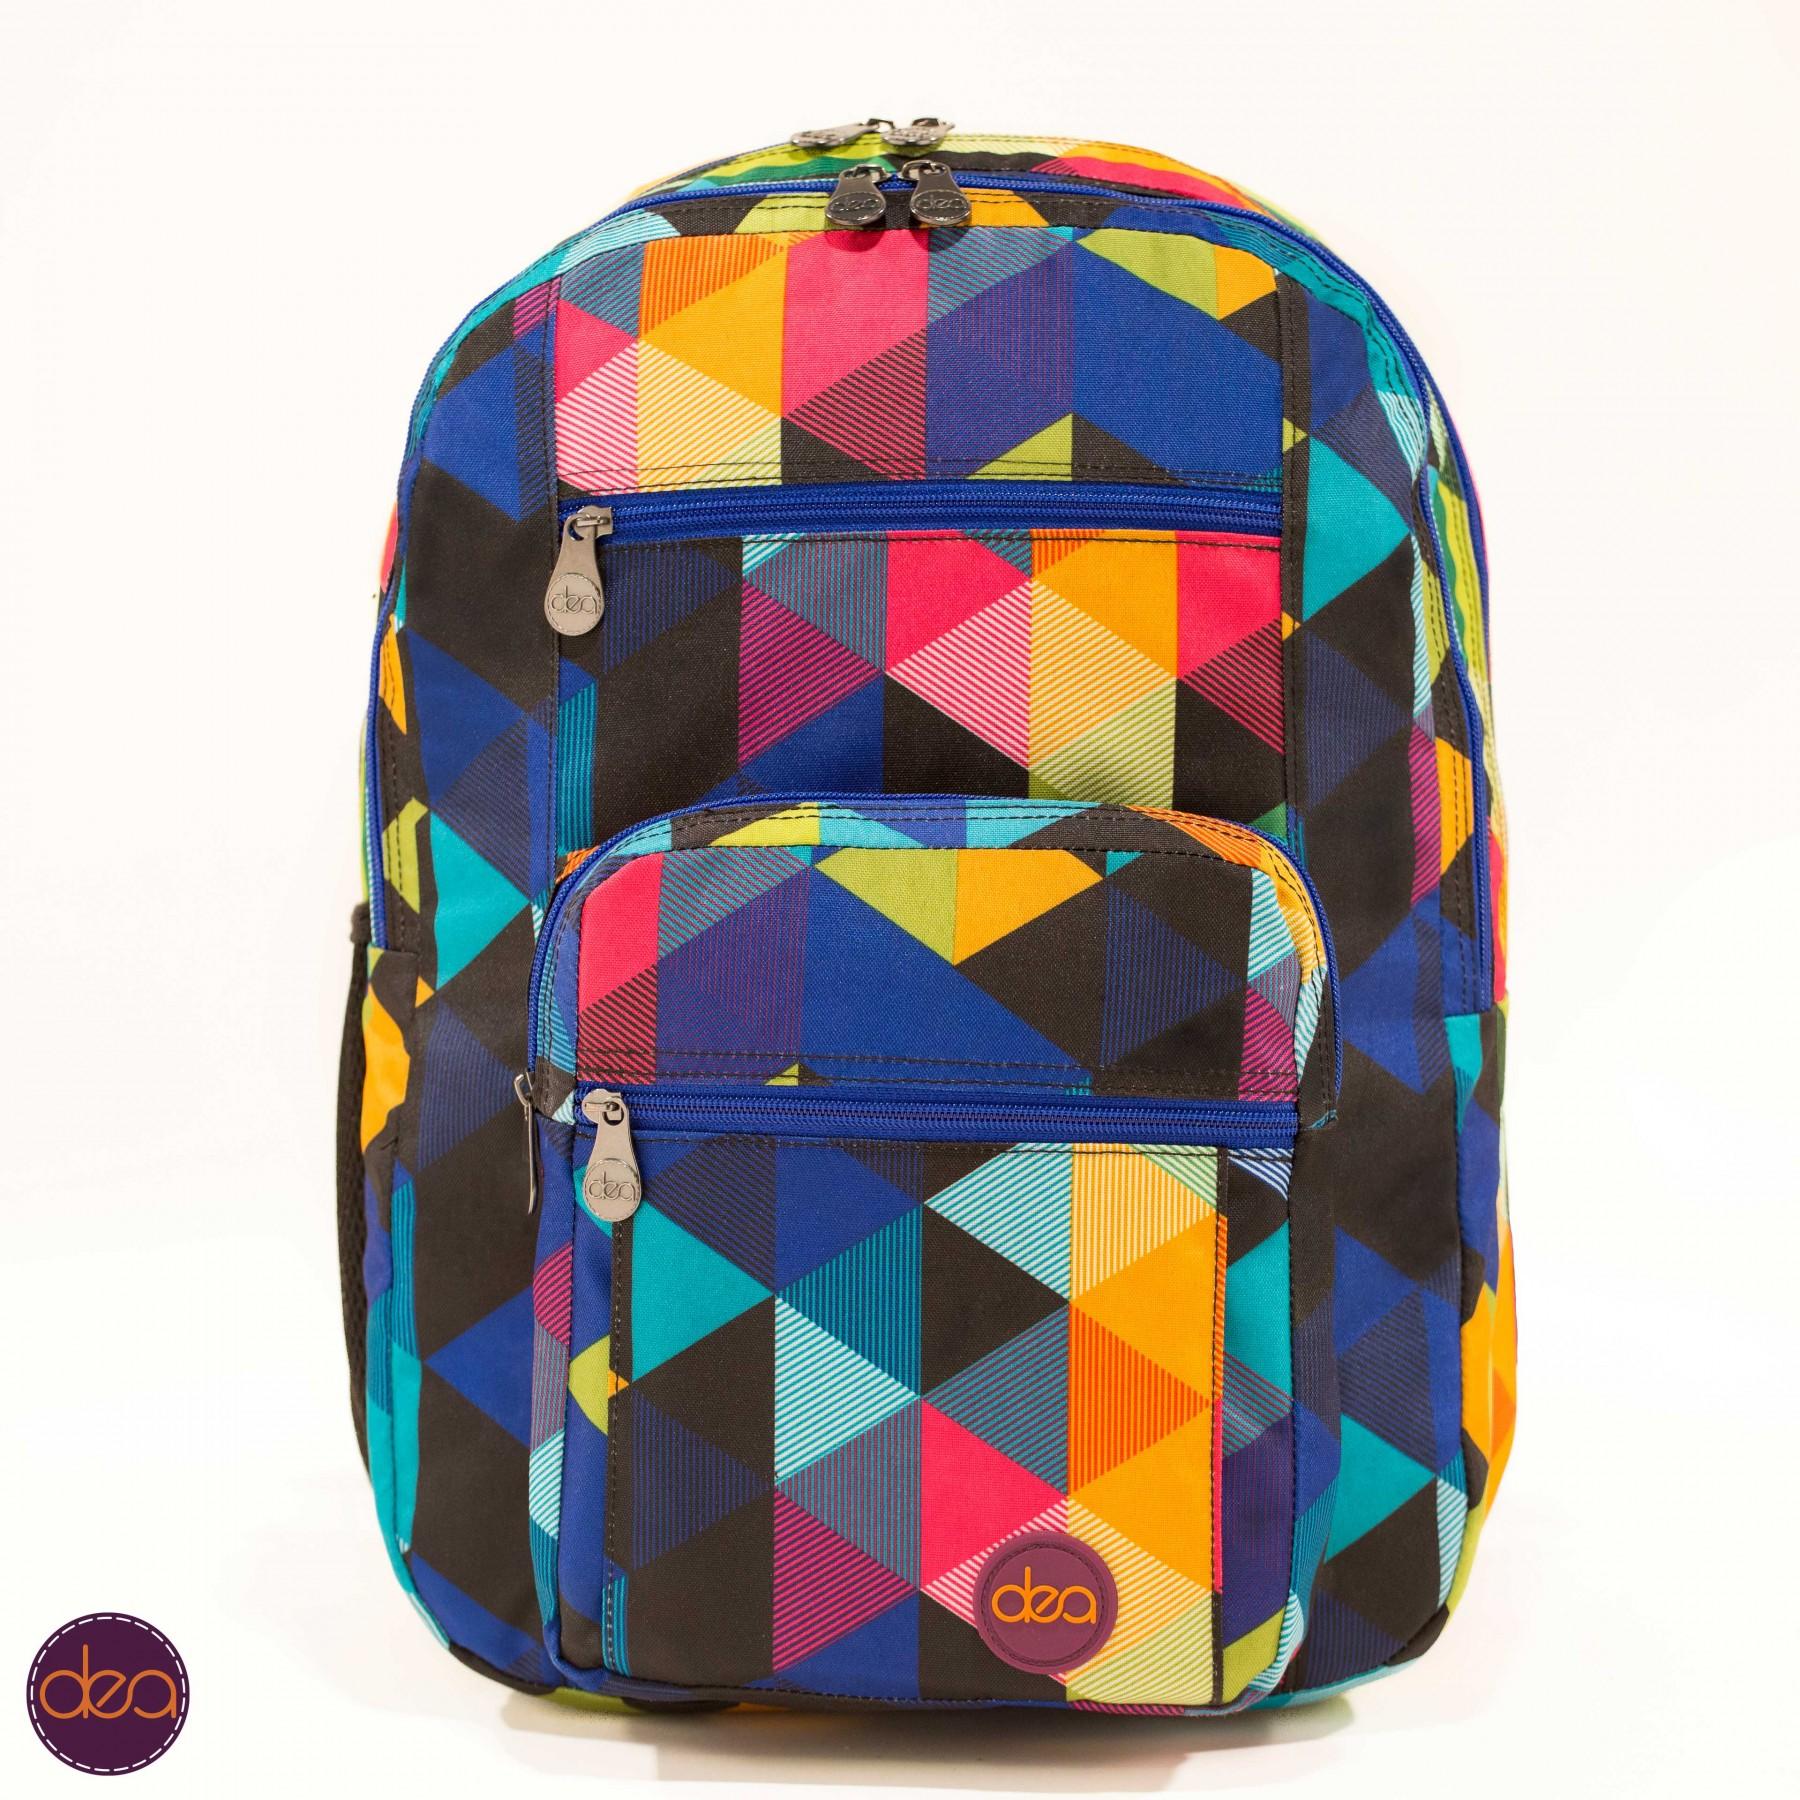 6-Laalaa Dea Bags